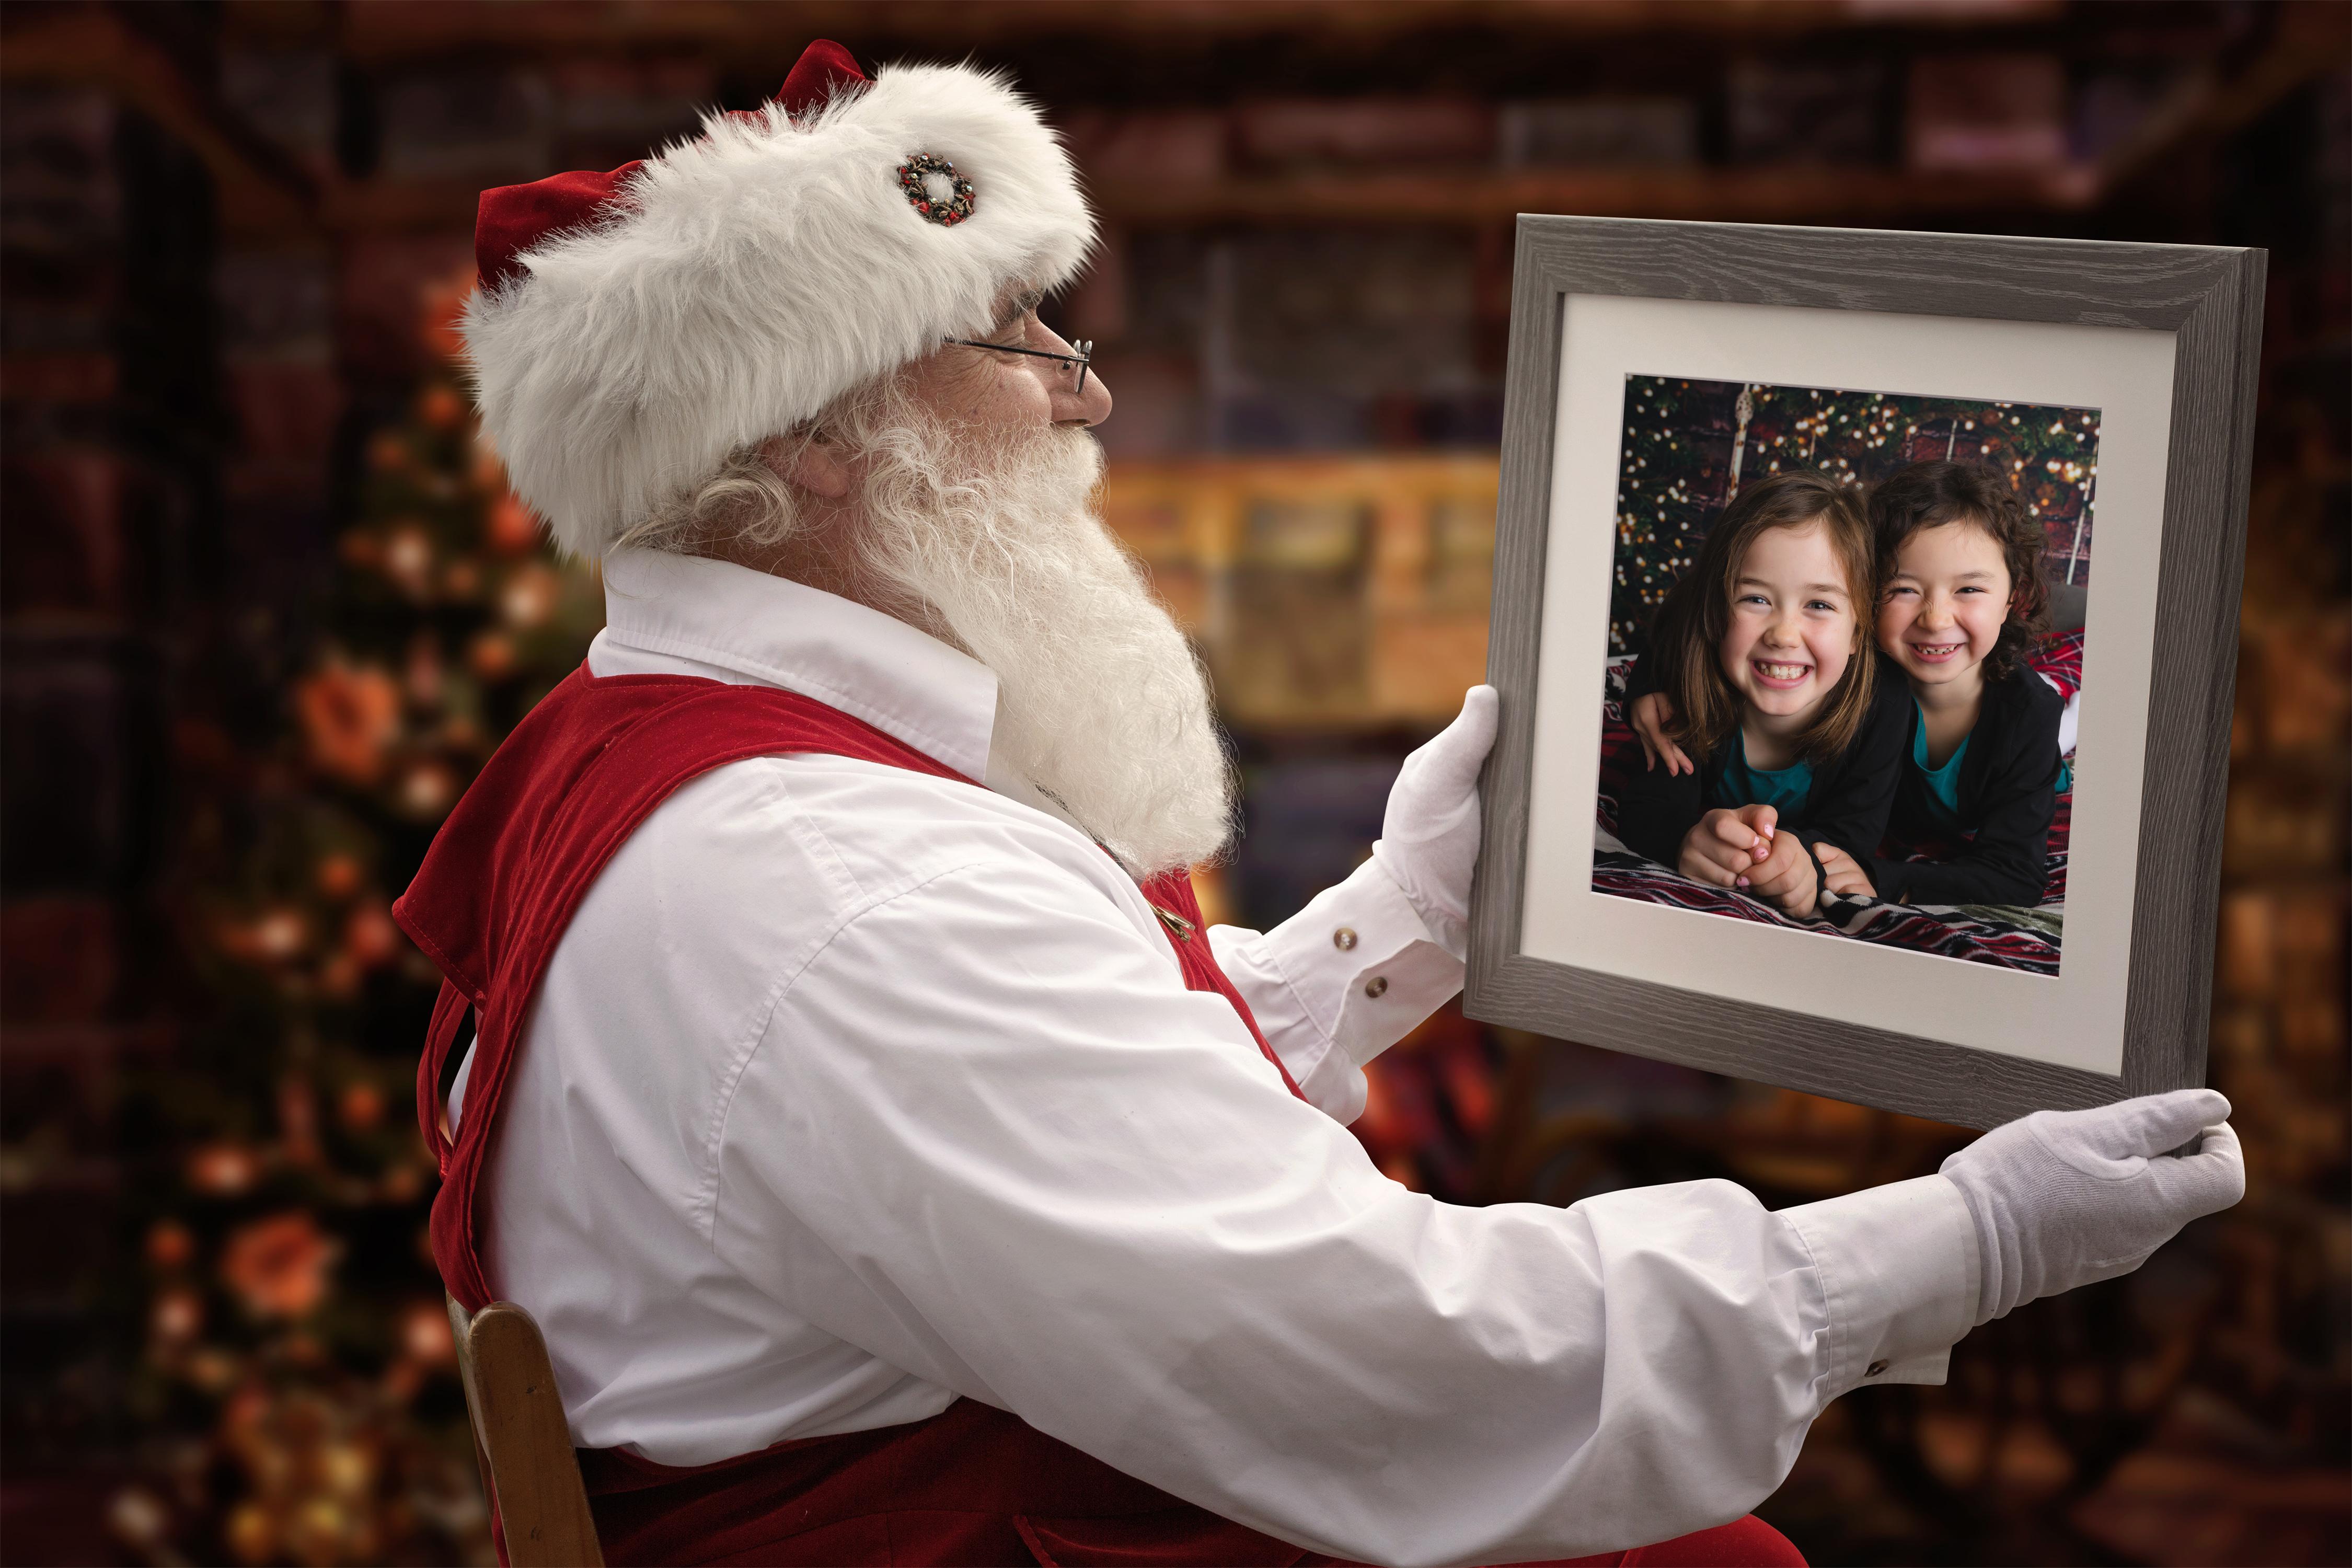 #5 - Santa Workshop